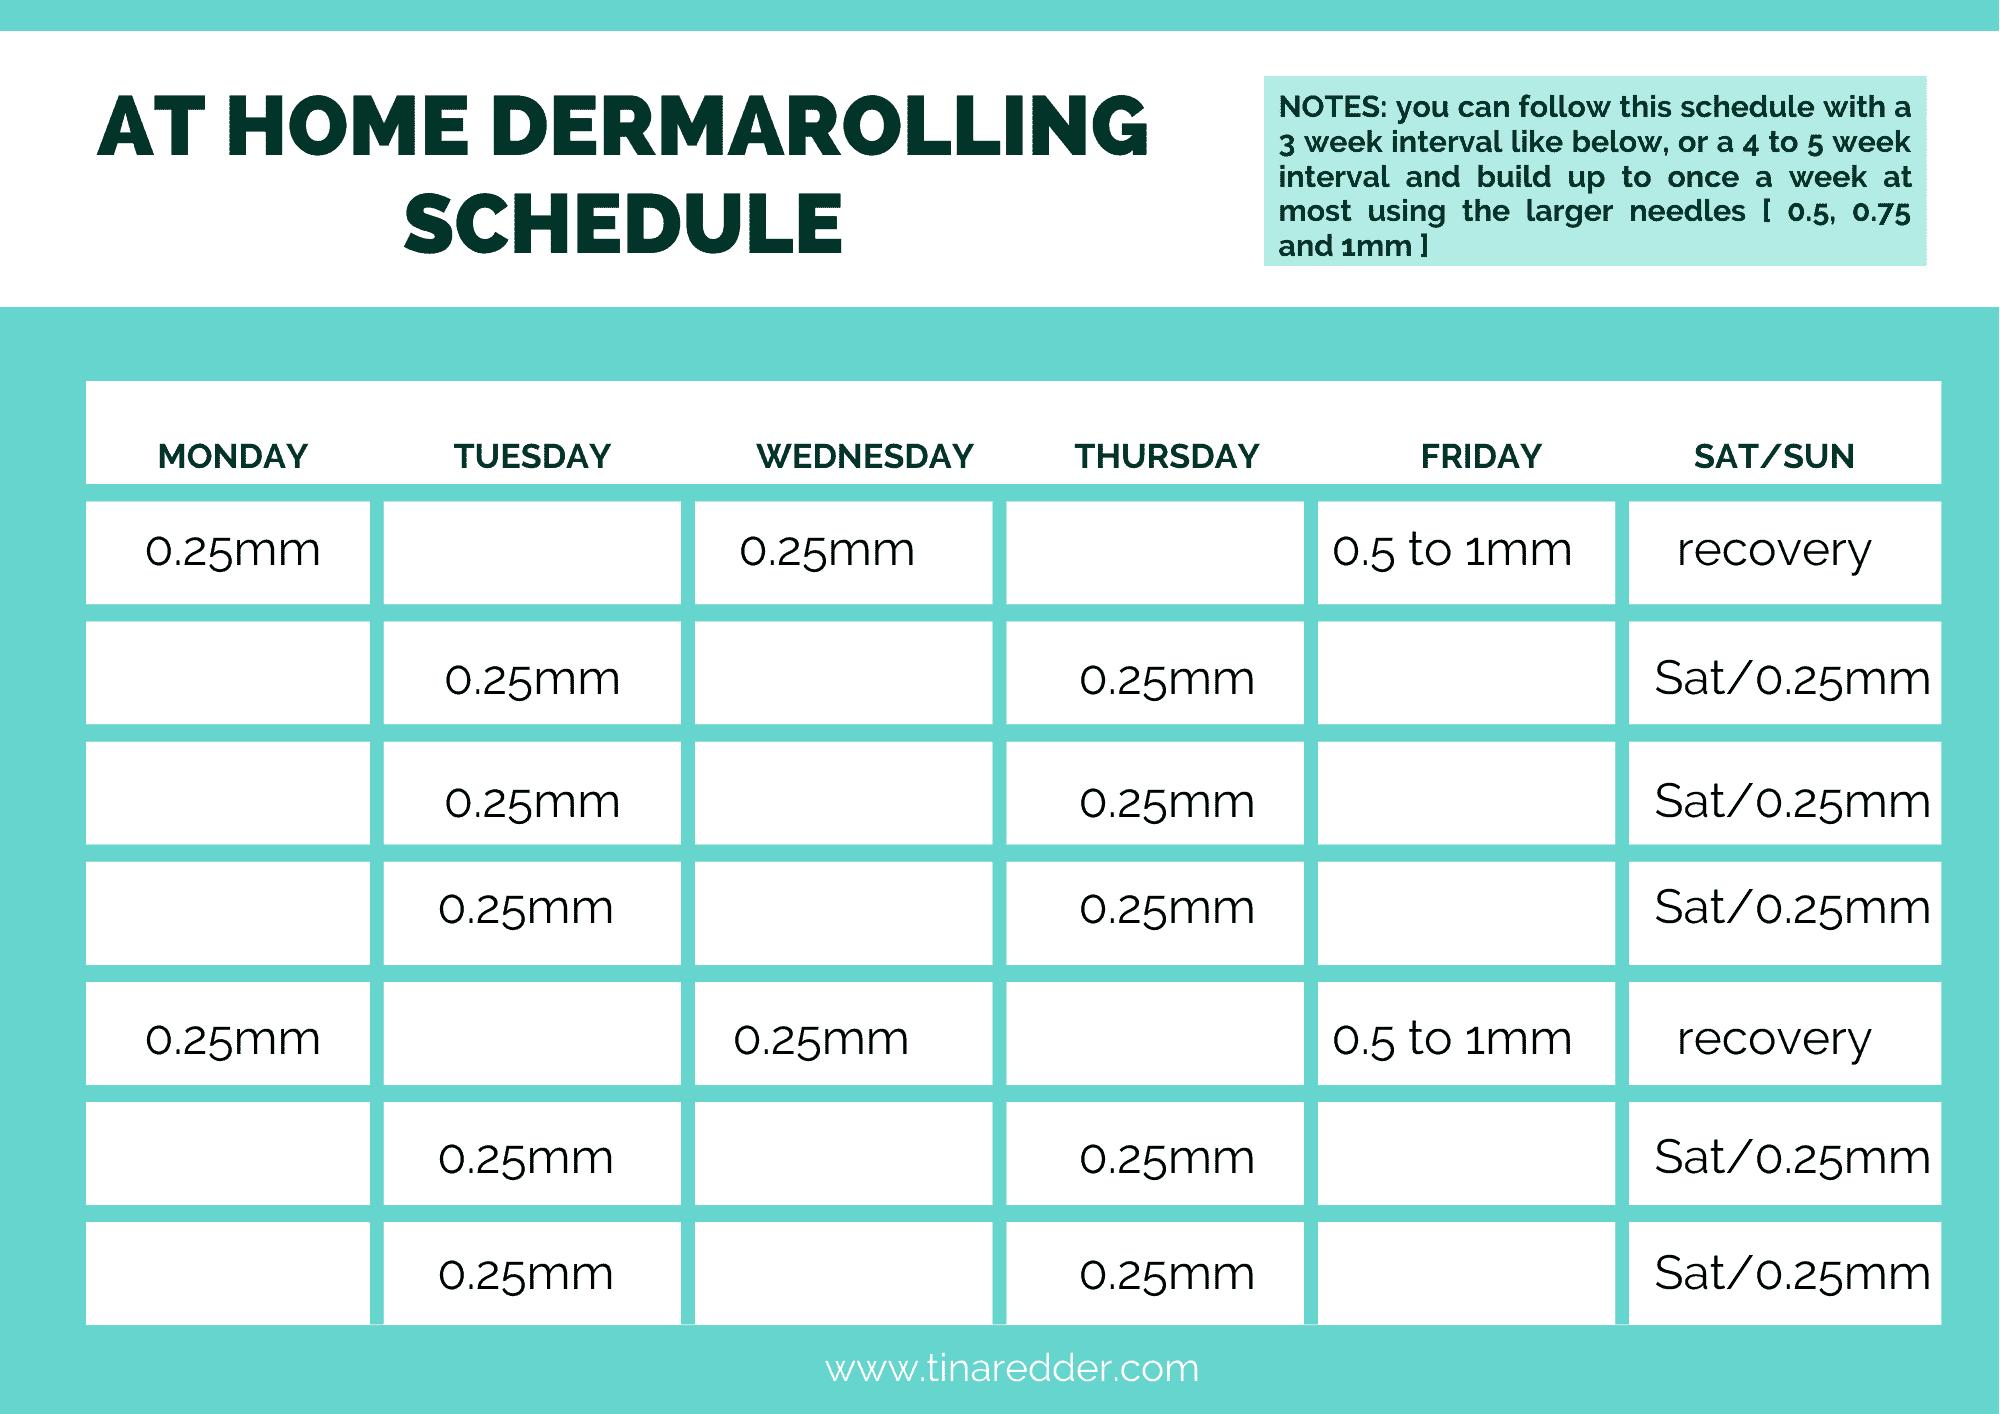 dermarolling schedule